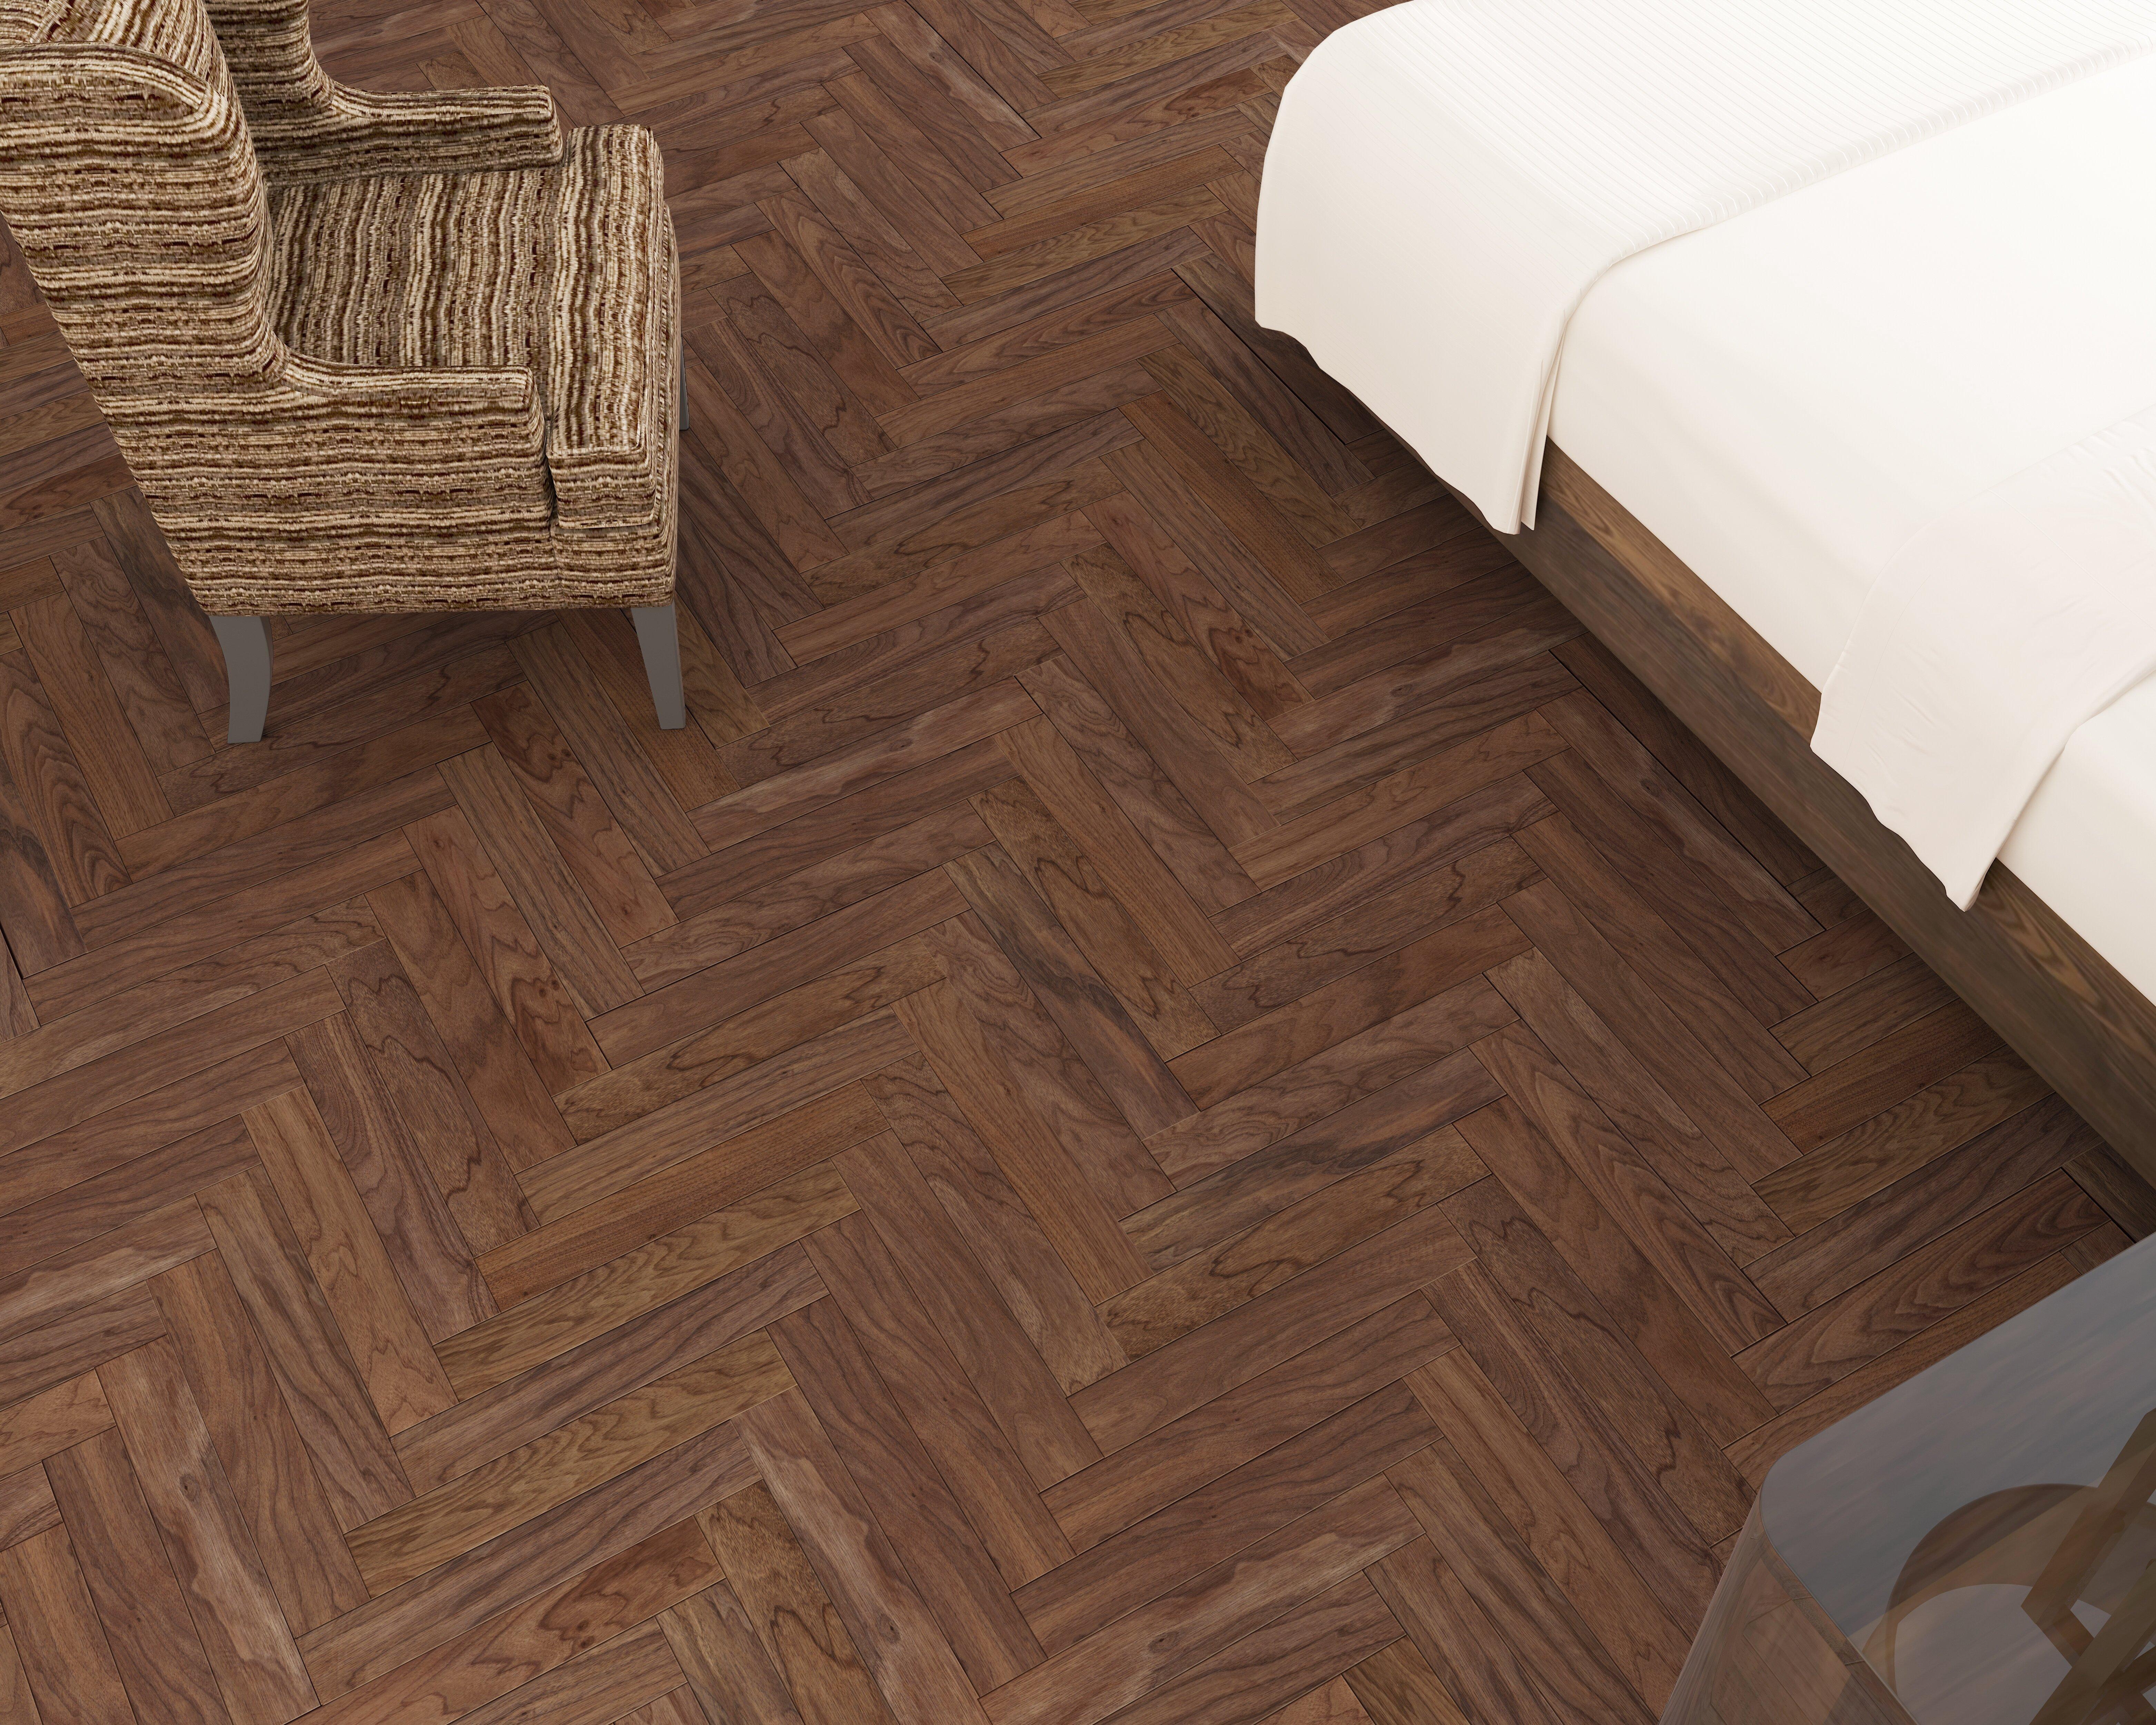 """Casablanca Walnut 5/5"""" Thick x 5-5/5"""" Wide Engineered Parquet Hardwood  Flooring"""